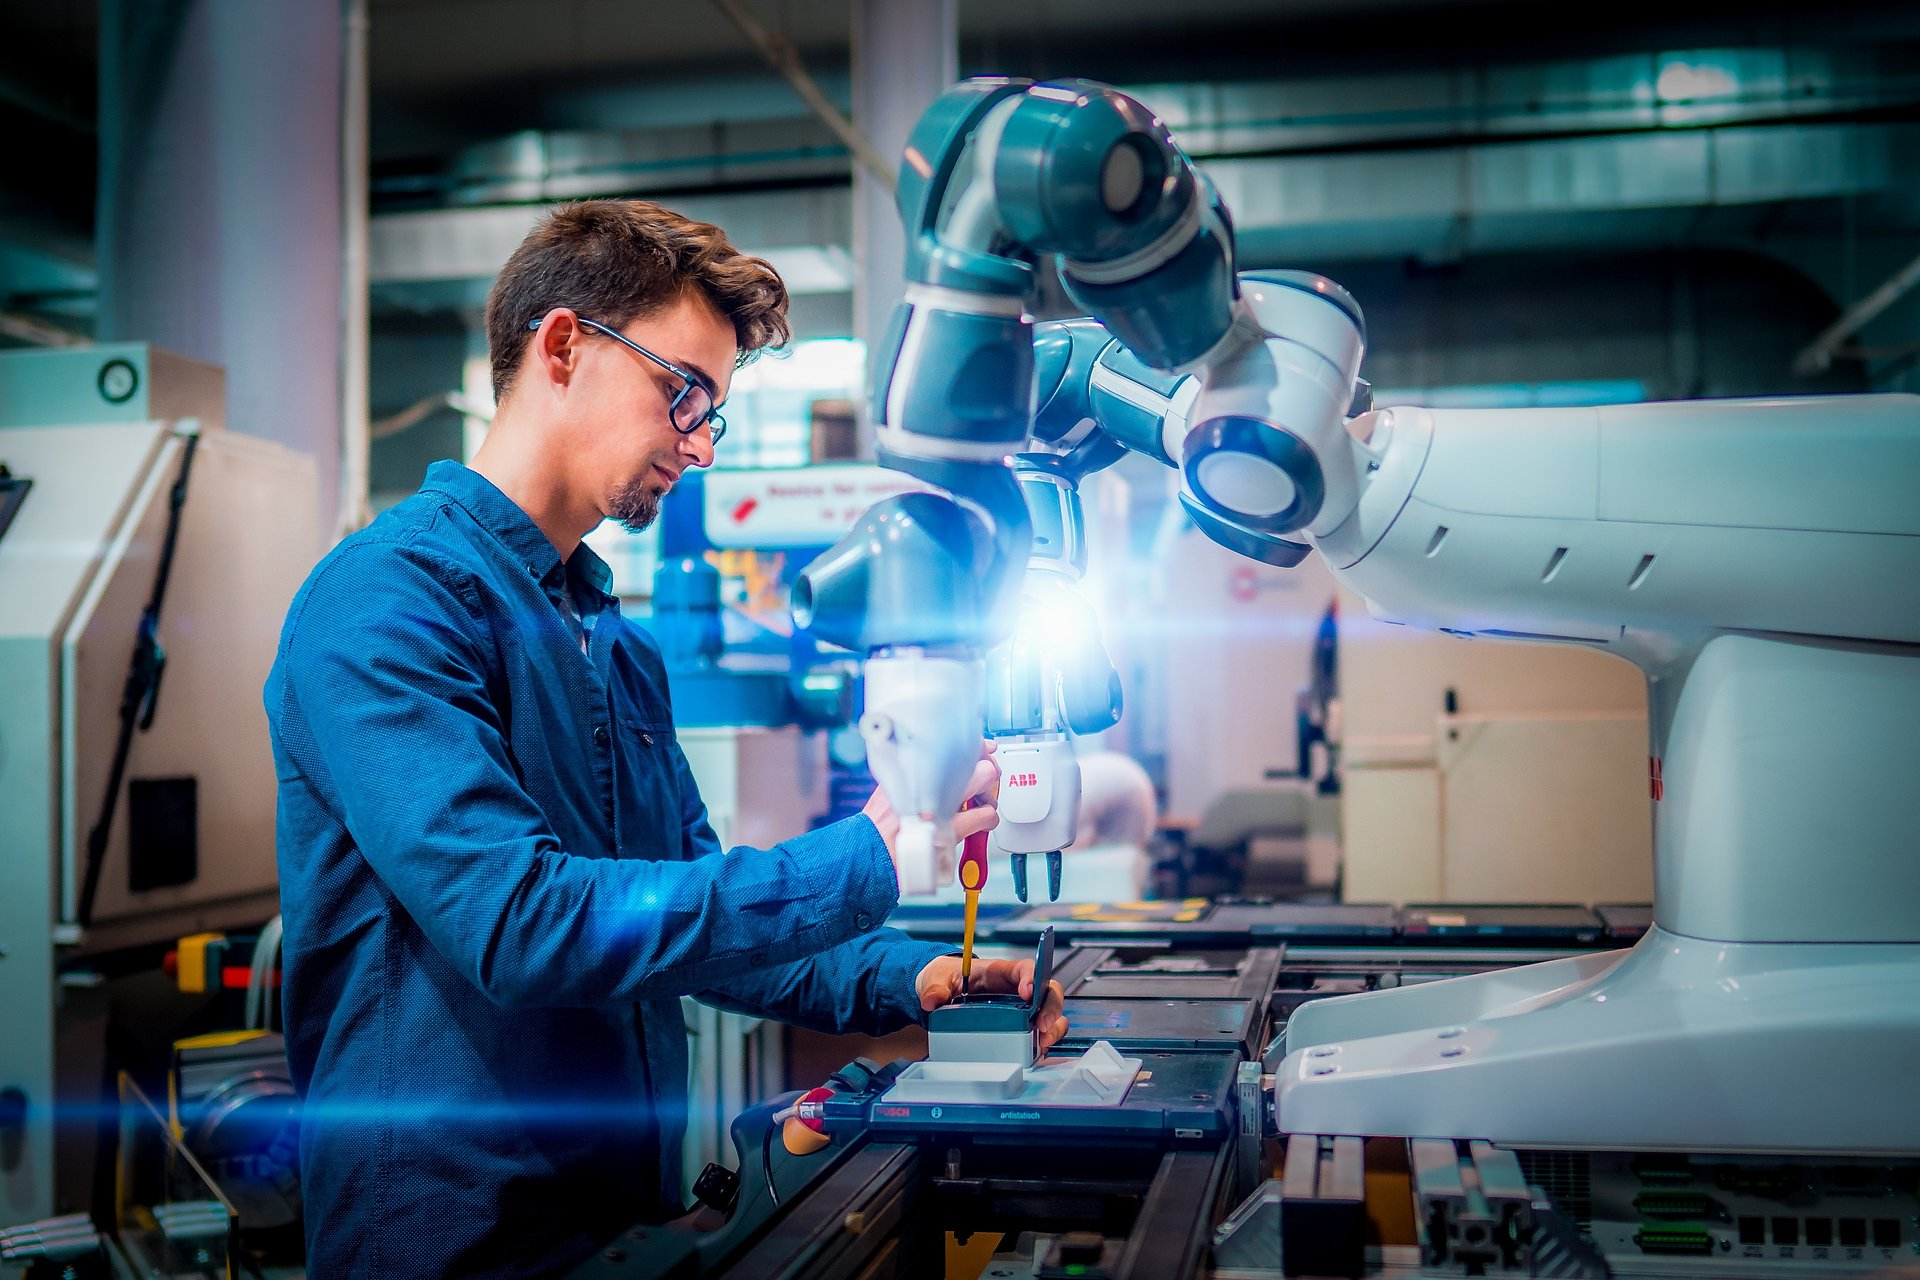 Bezpłatne szkolenia z dziedziny Przemysłu 4.0 w zasięgu dolnośląskiego biznesu i nie tylko